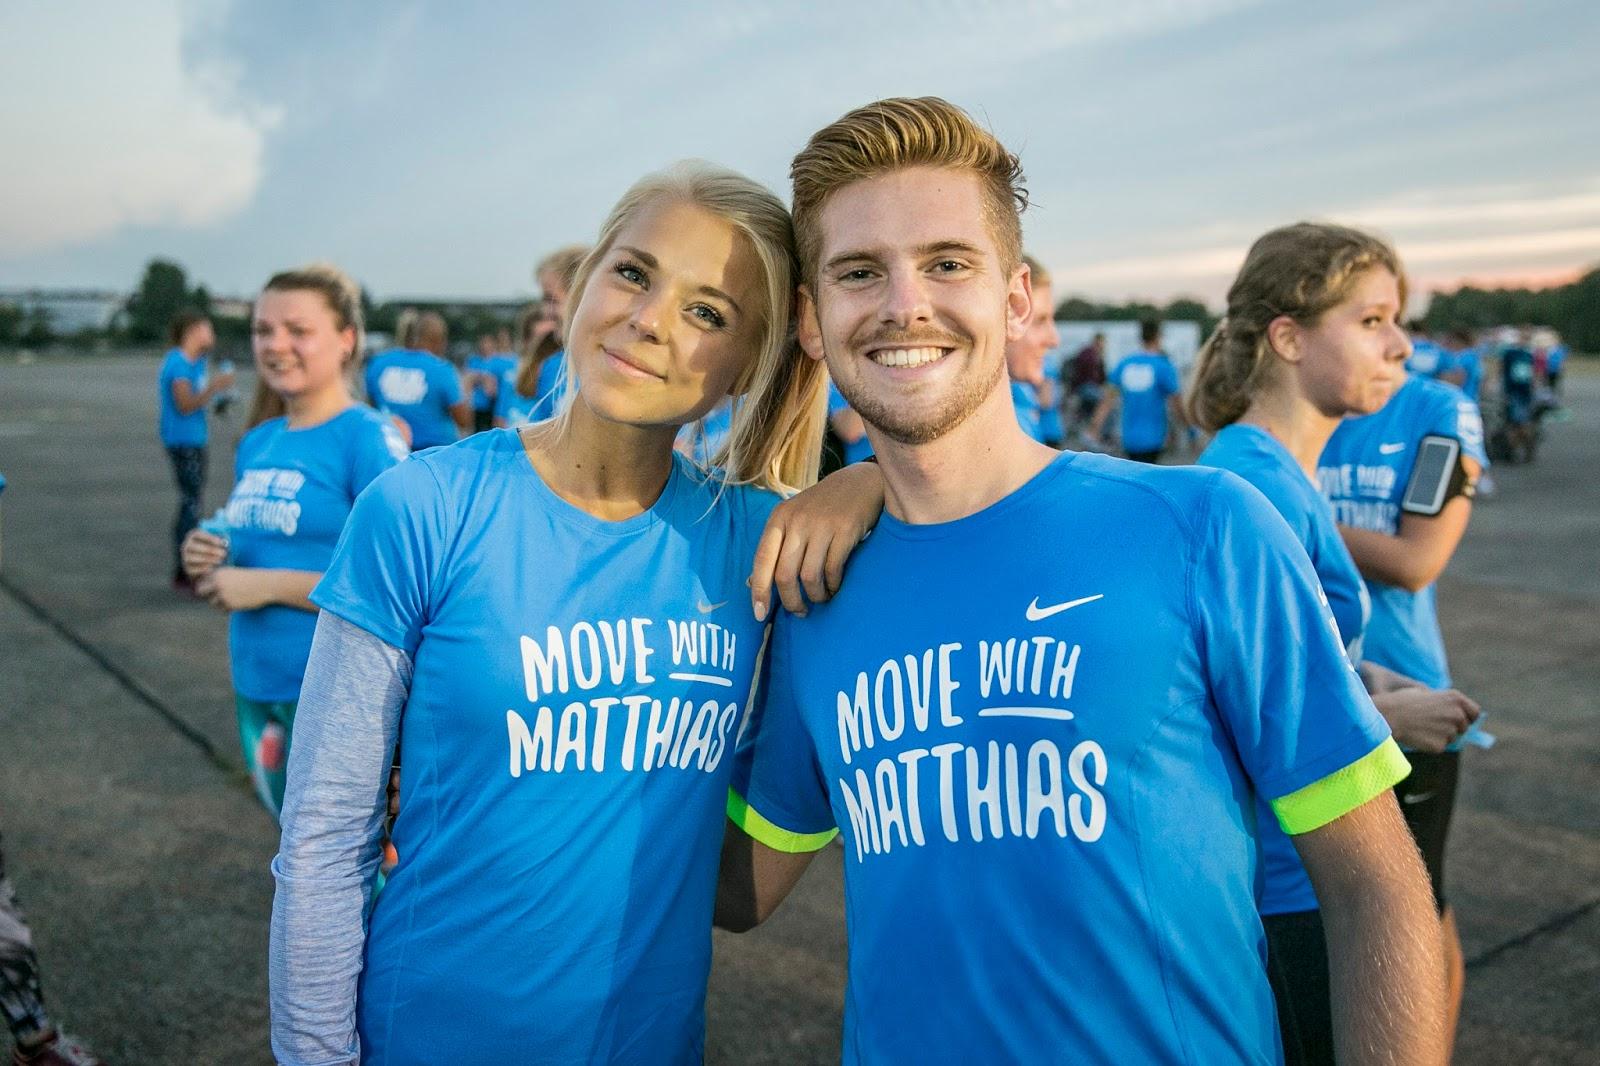 Move with Matthias